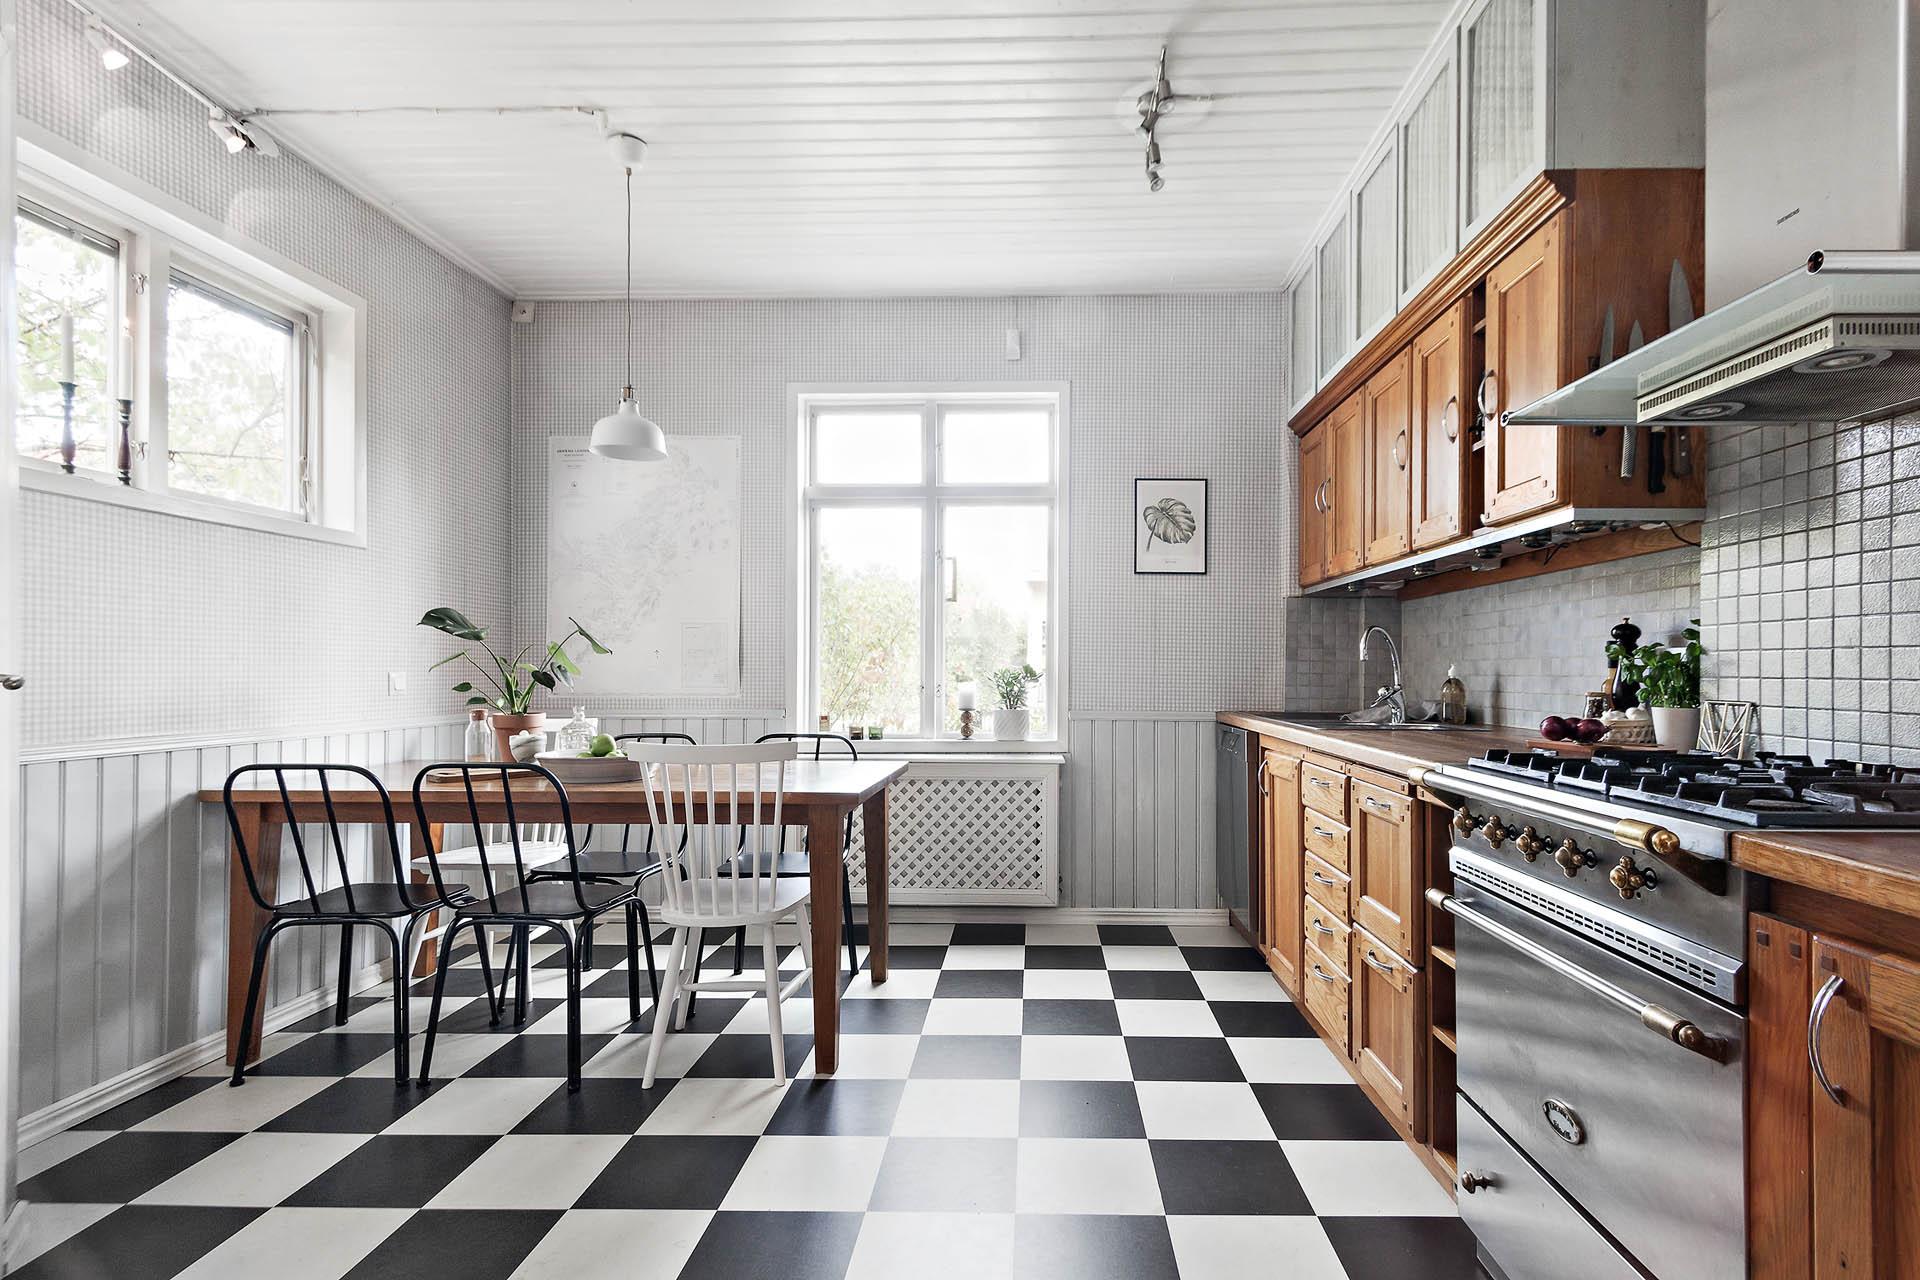 Rymligt kök med gott om plats för familjen.